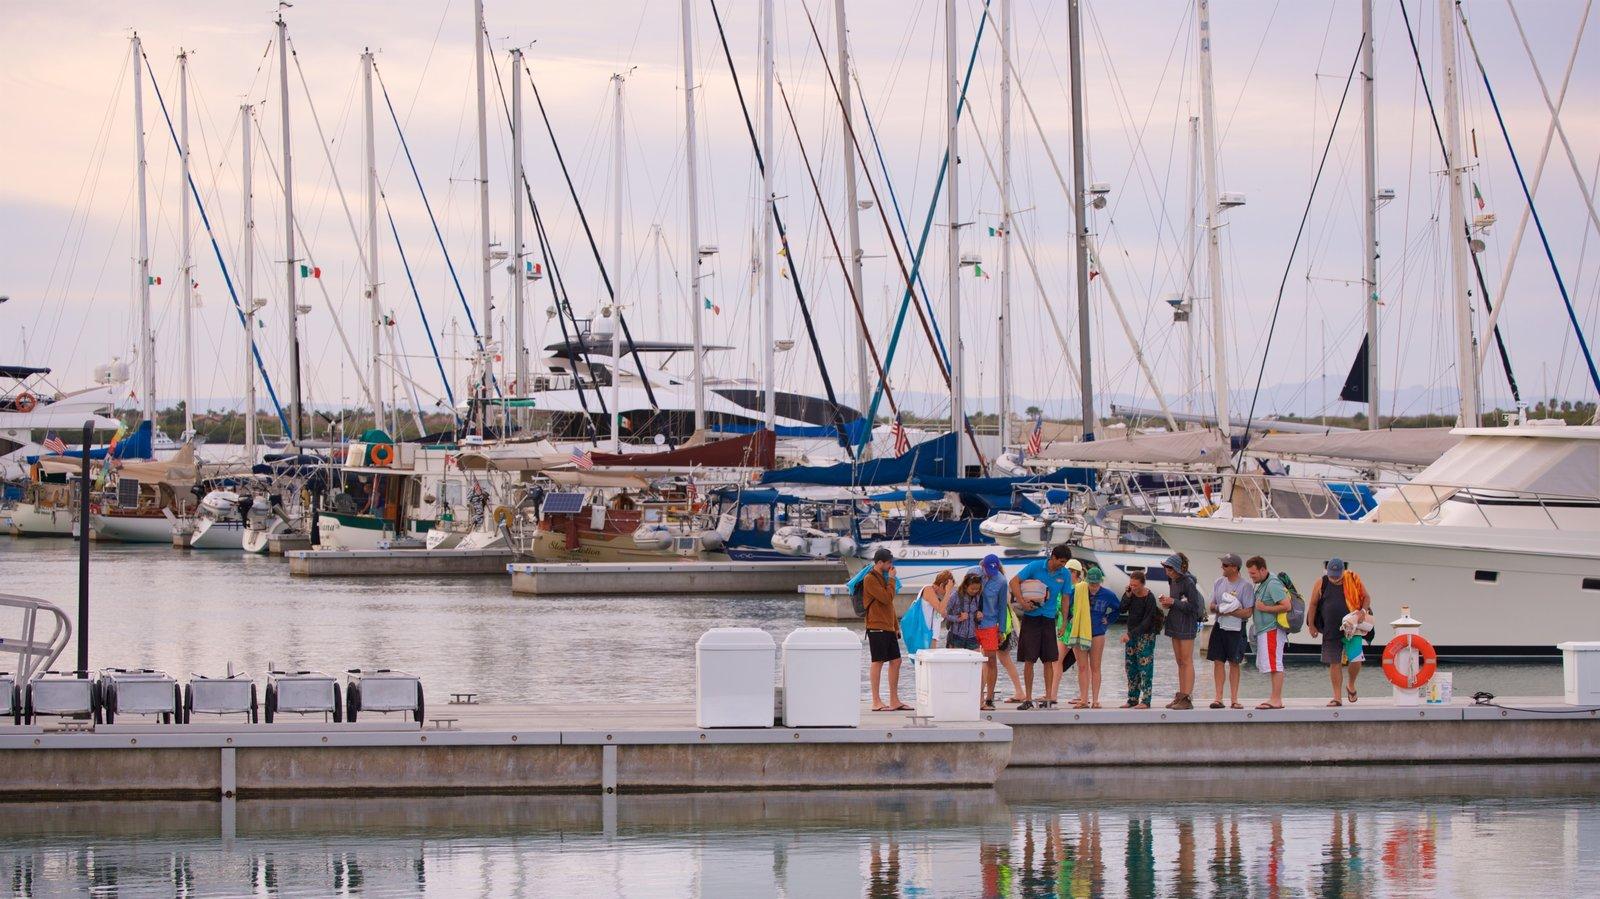 Puerto deportivo Marina Cortez mostrando una bahía o puerto y también un pequeño grupo de personas